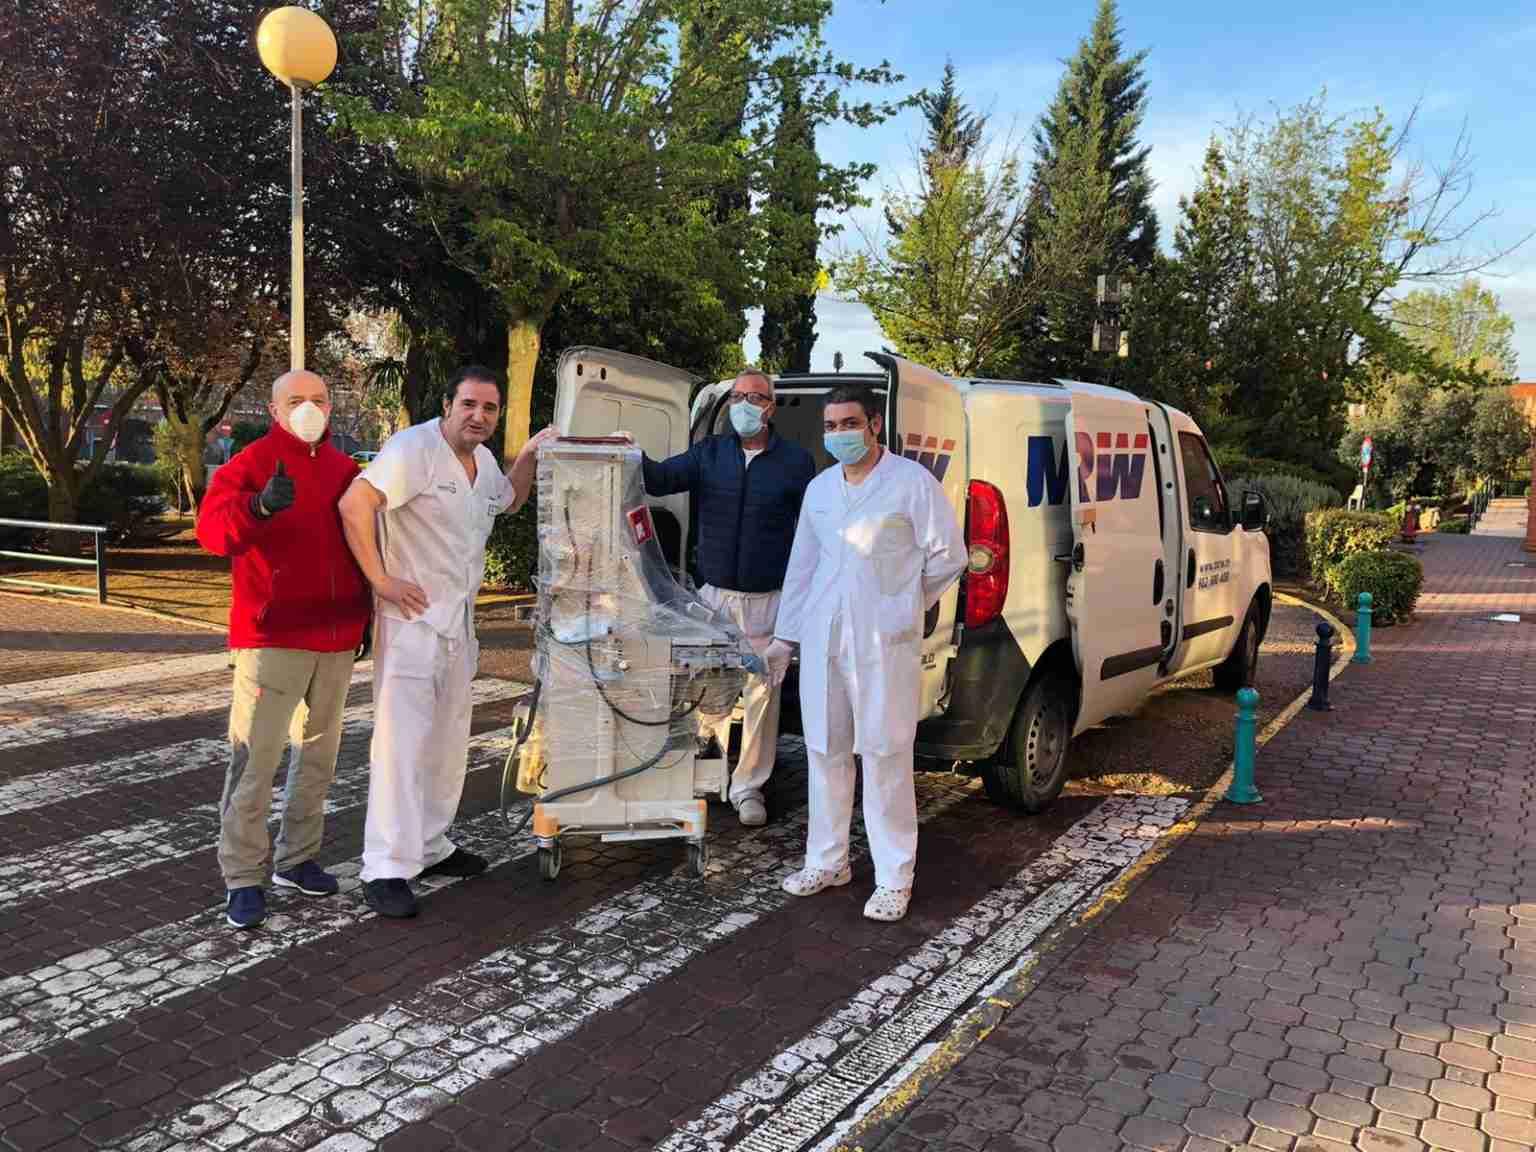 Los hospitales de Castilla-La Mancha cuentan con un total de 390 respiradores para atender las necesidades de los pacientes 1